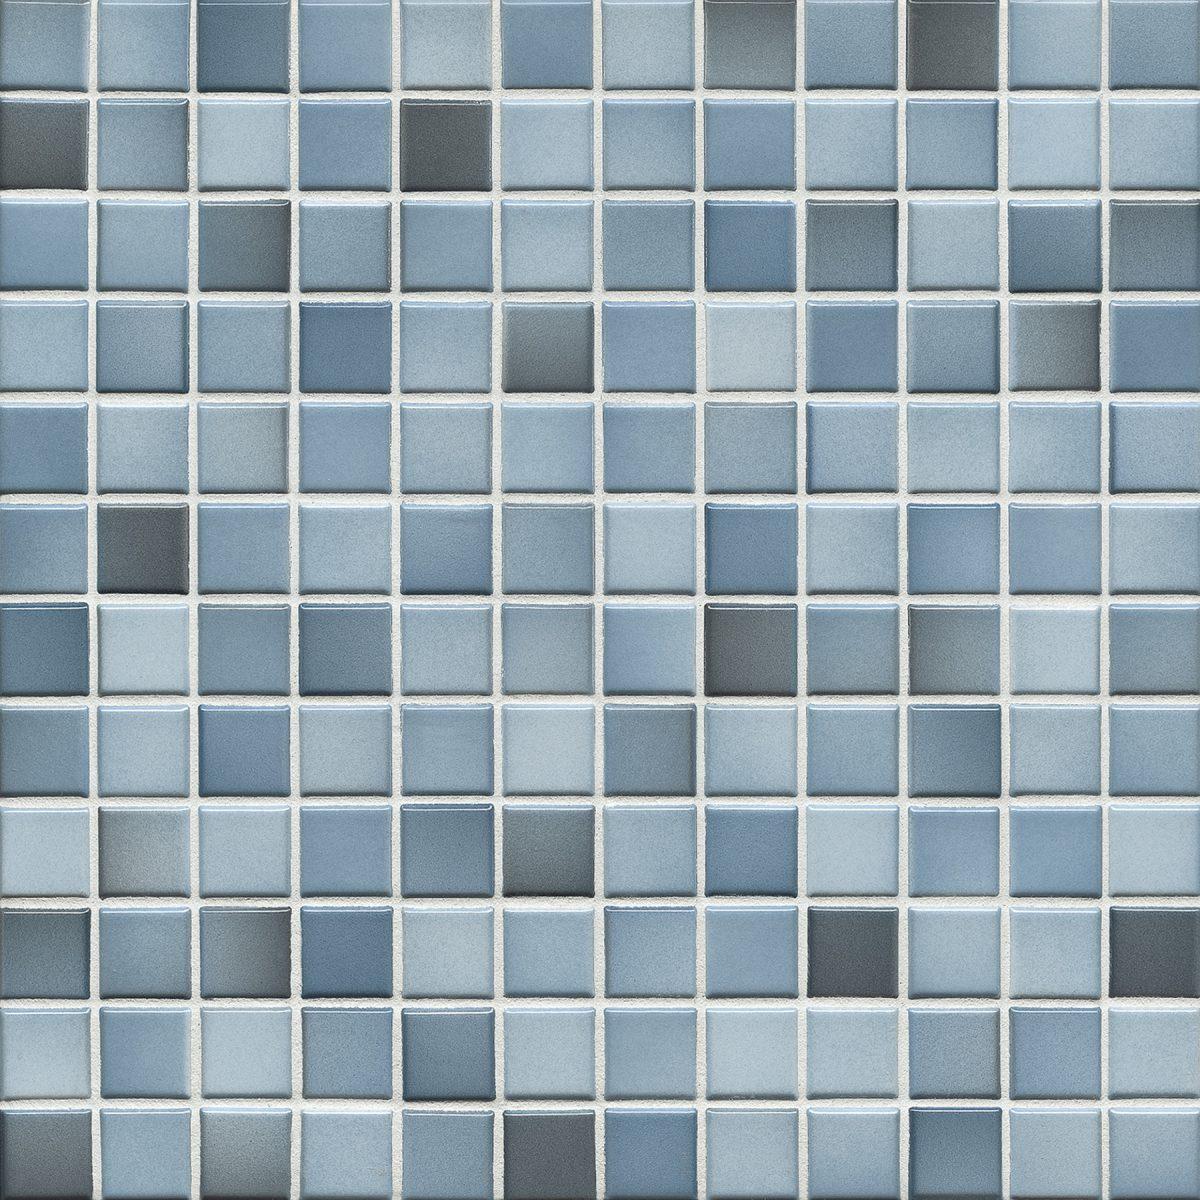 Мозаика серия Fresh 2,4 X 2,4 см Denim Blue Mix Glossy (глазурованная)